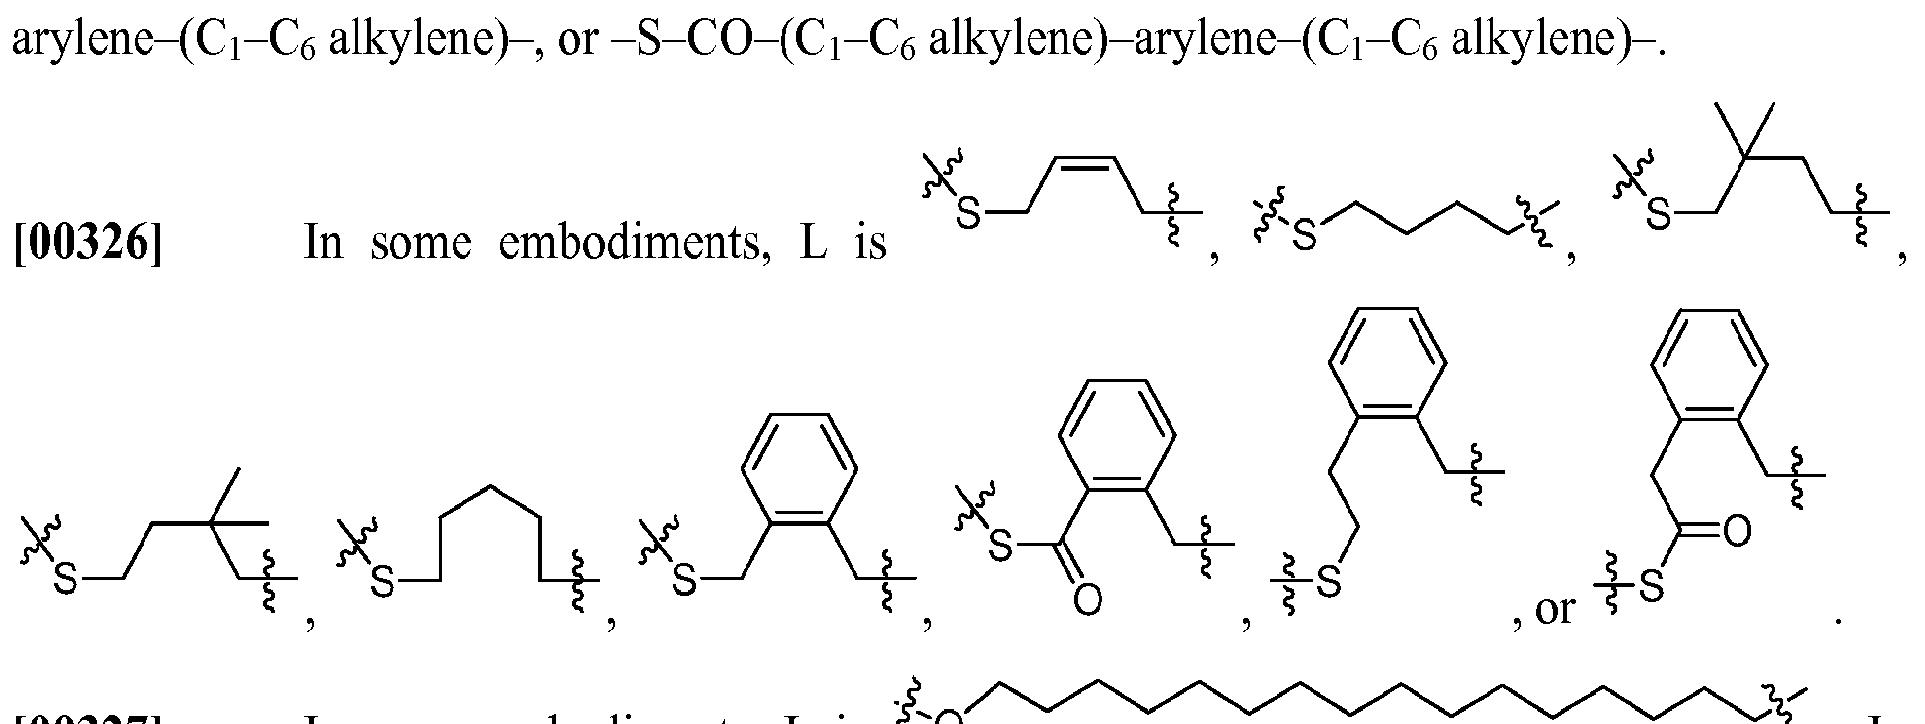 Figure imgf000082_0003